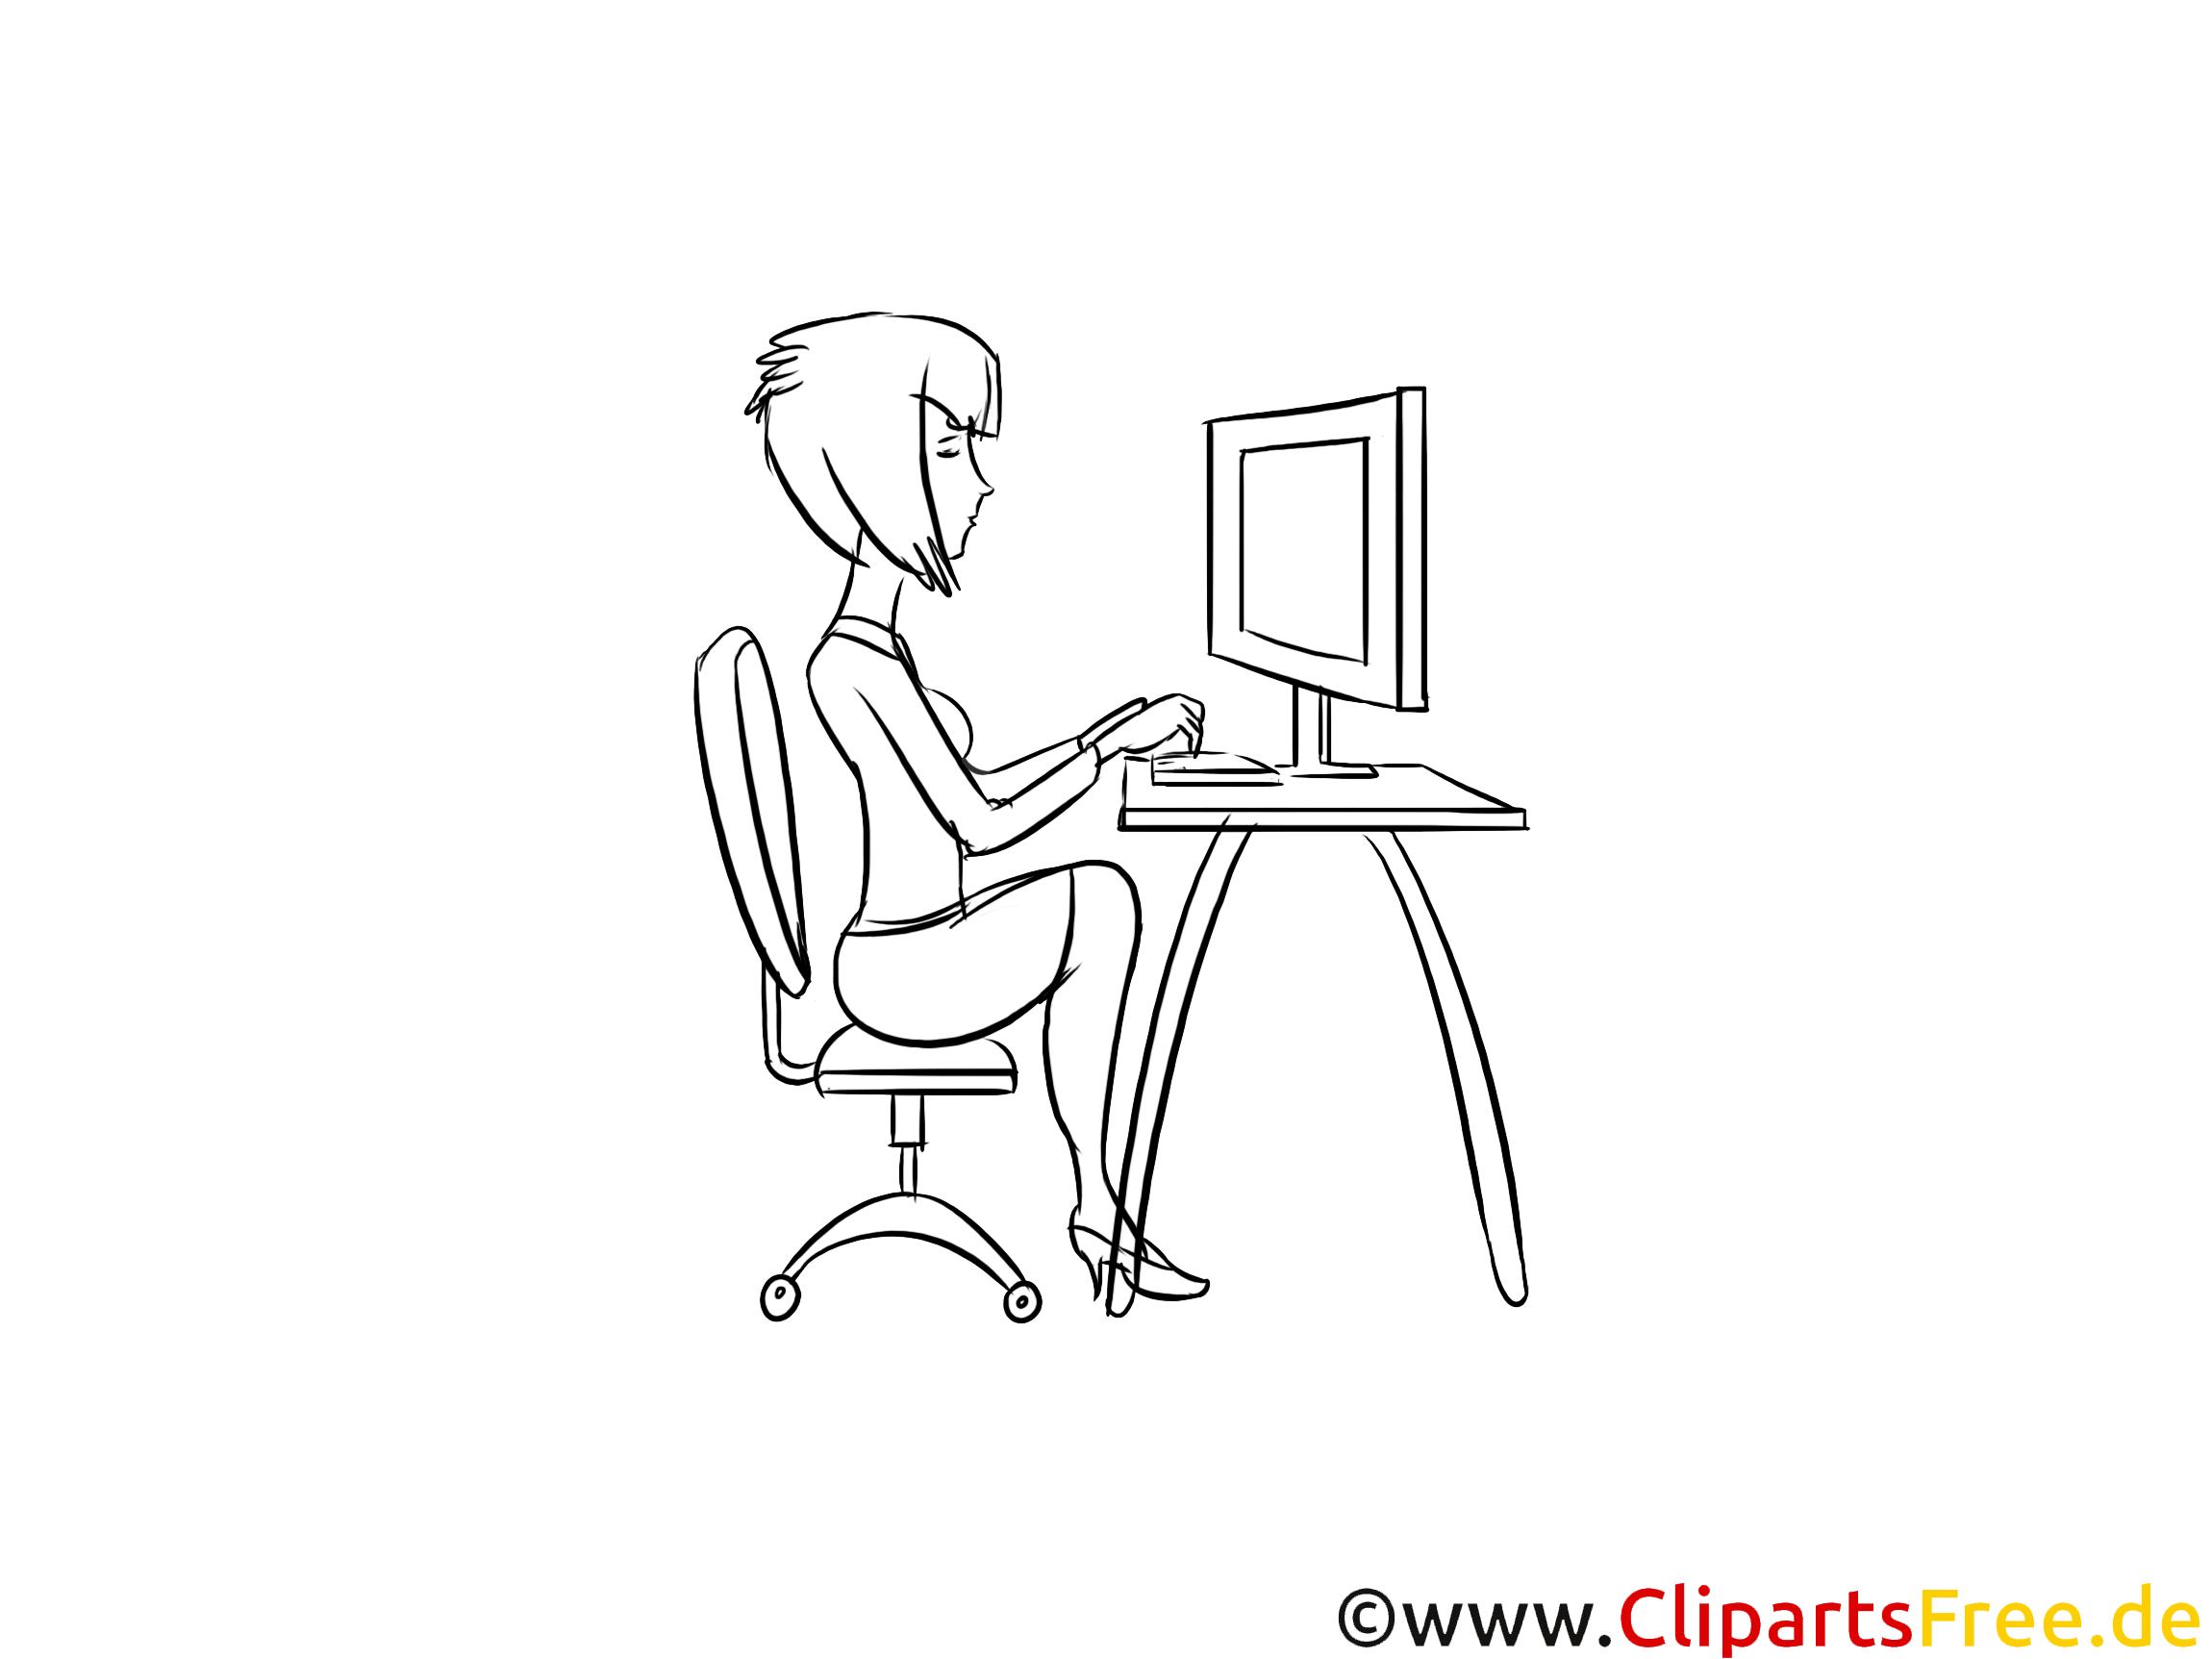 Ergonomie am Arbeitsplatz Bild schwarz-weiss zum Ausmalen, Drucken